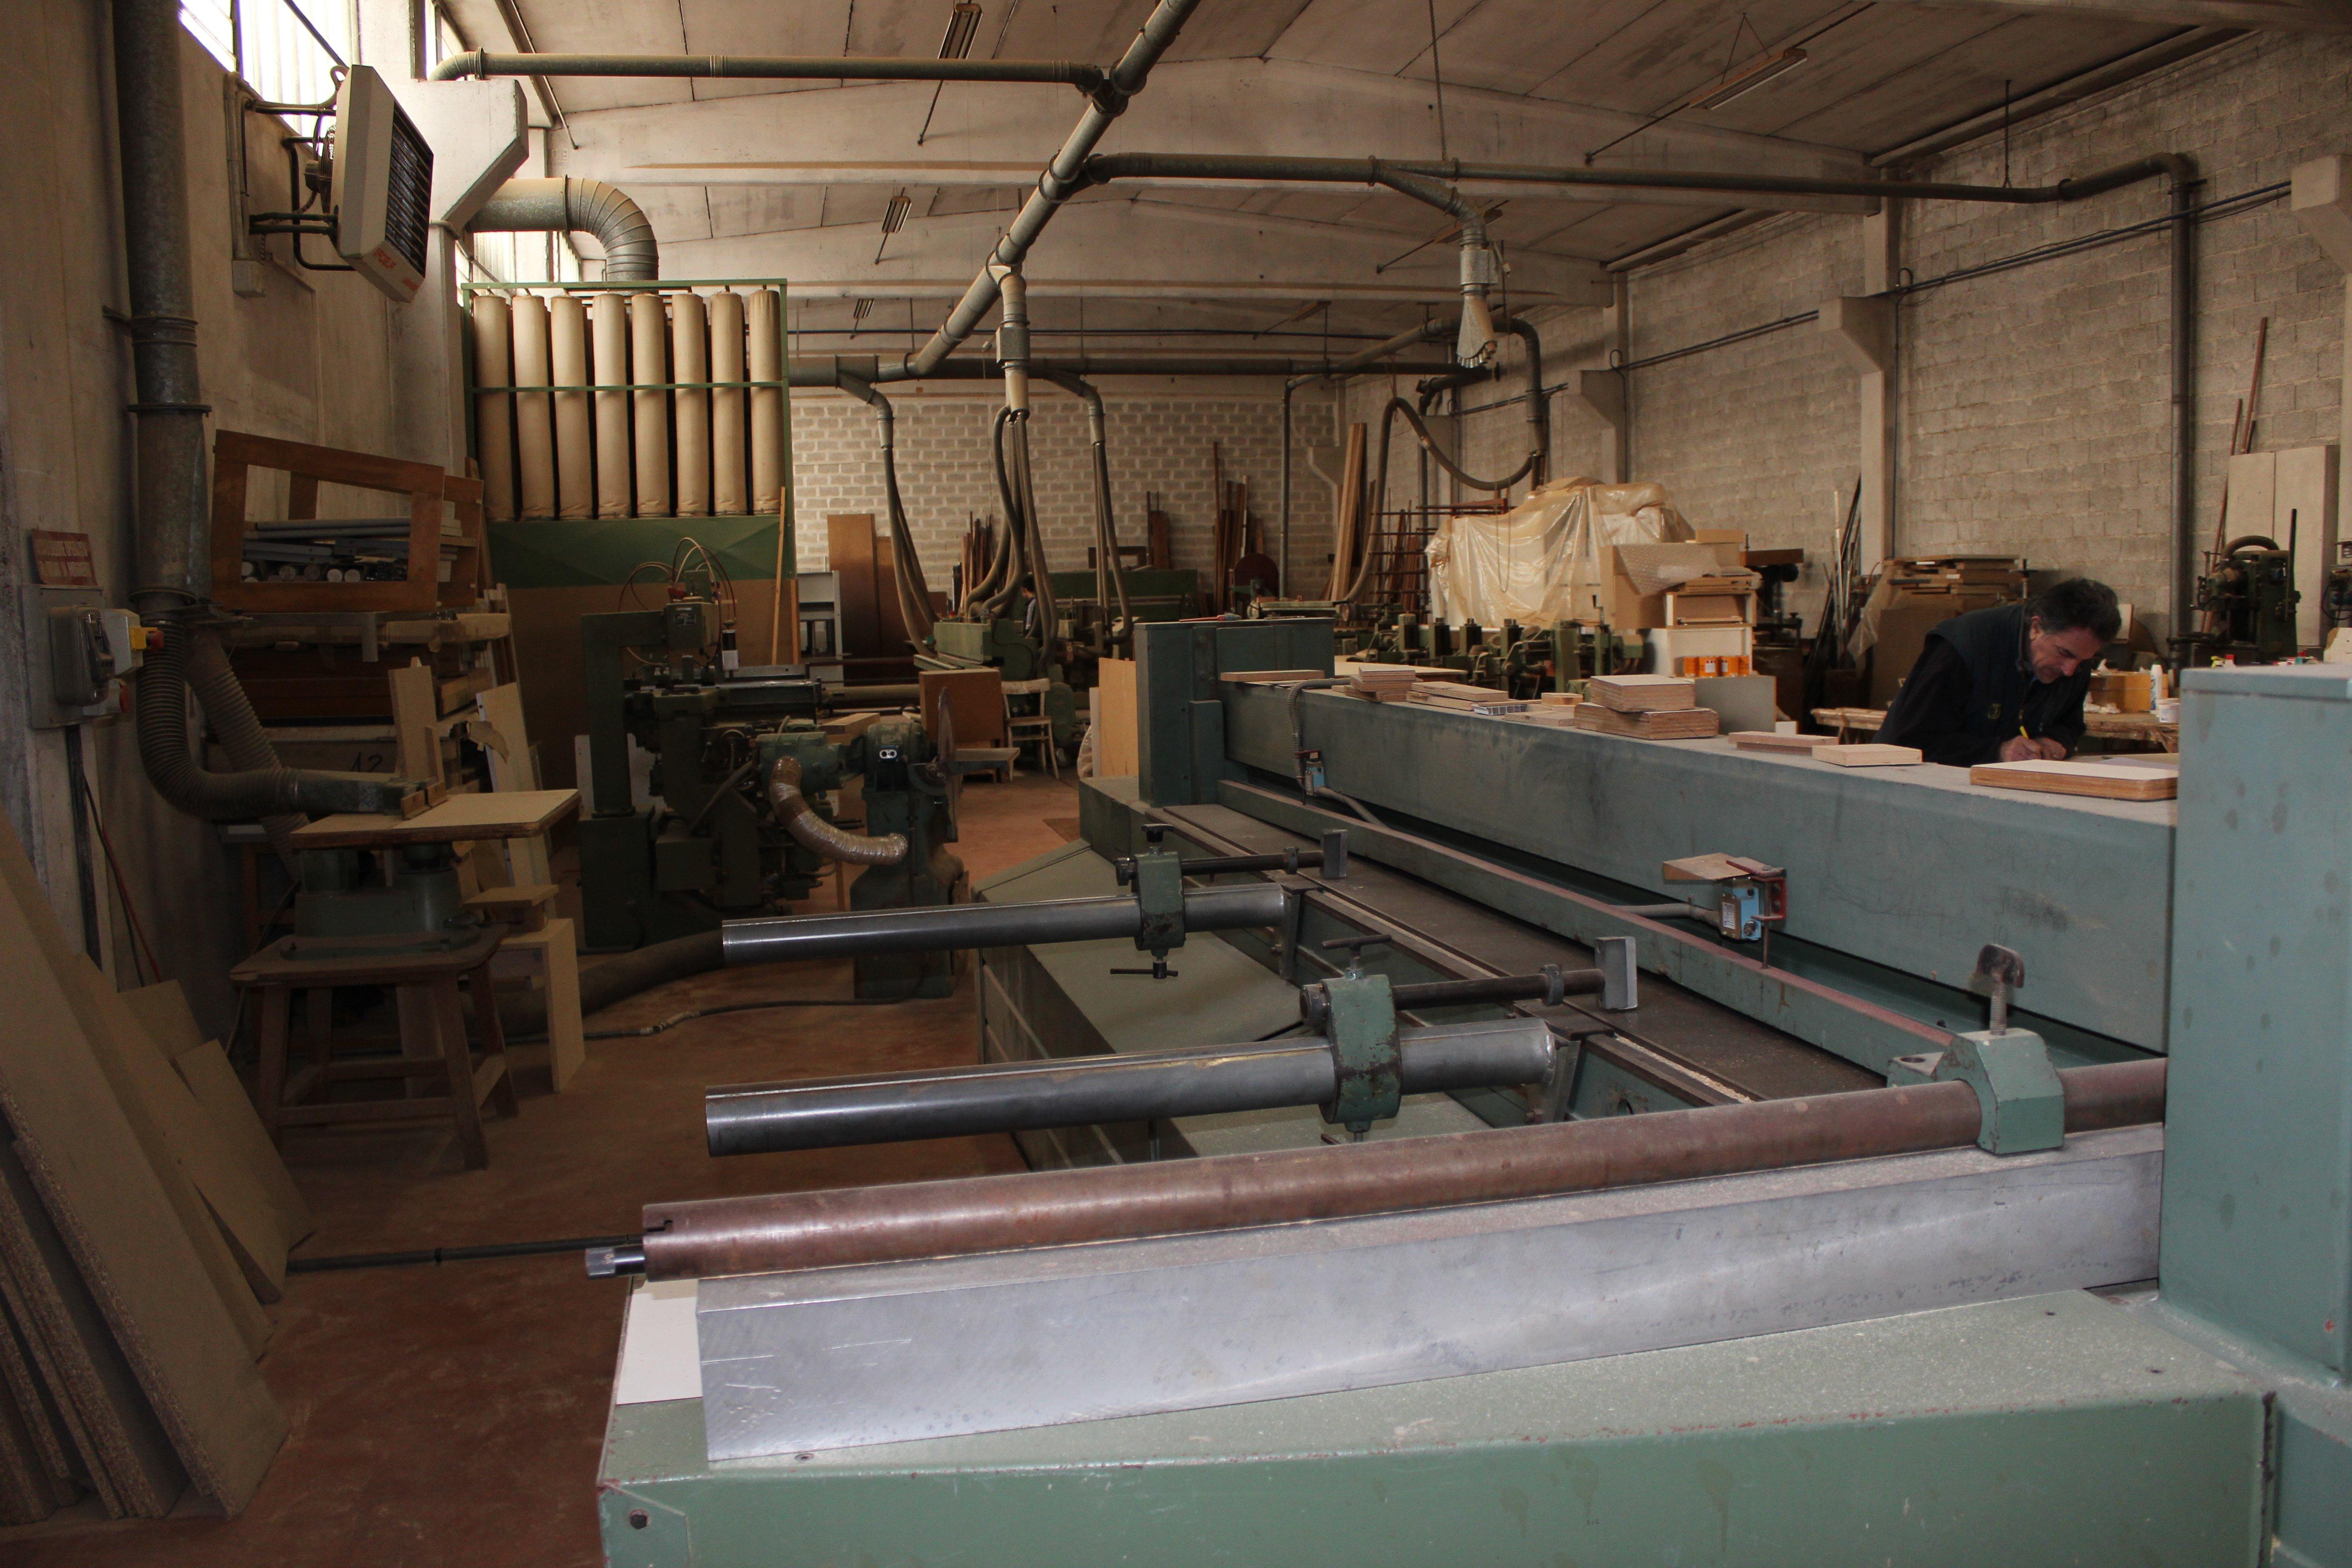 interno di fabbrica per costruzione artigianale di mobili